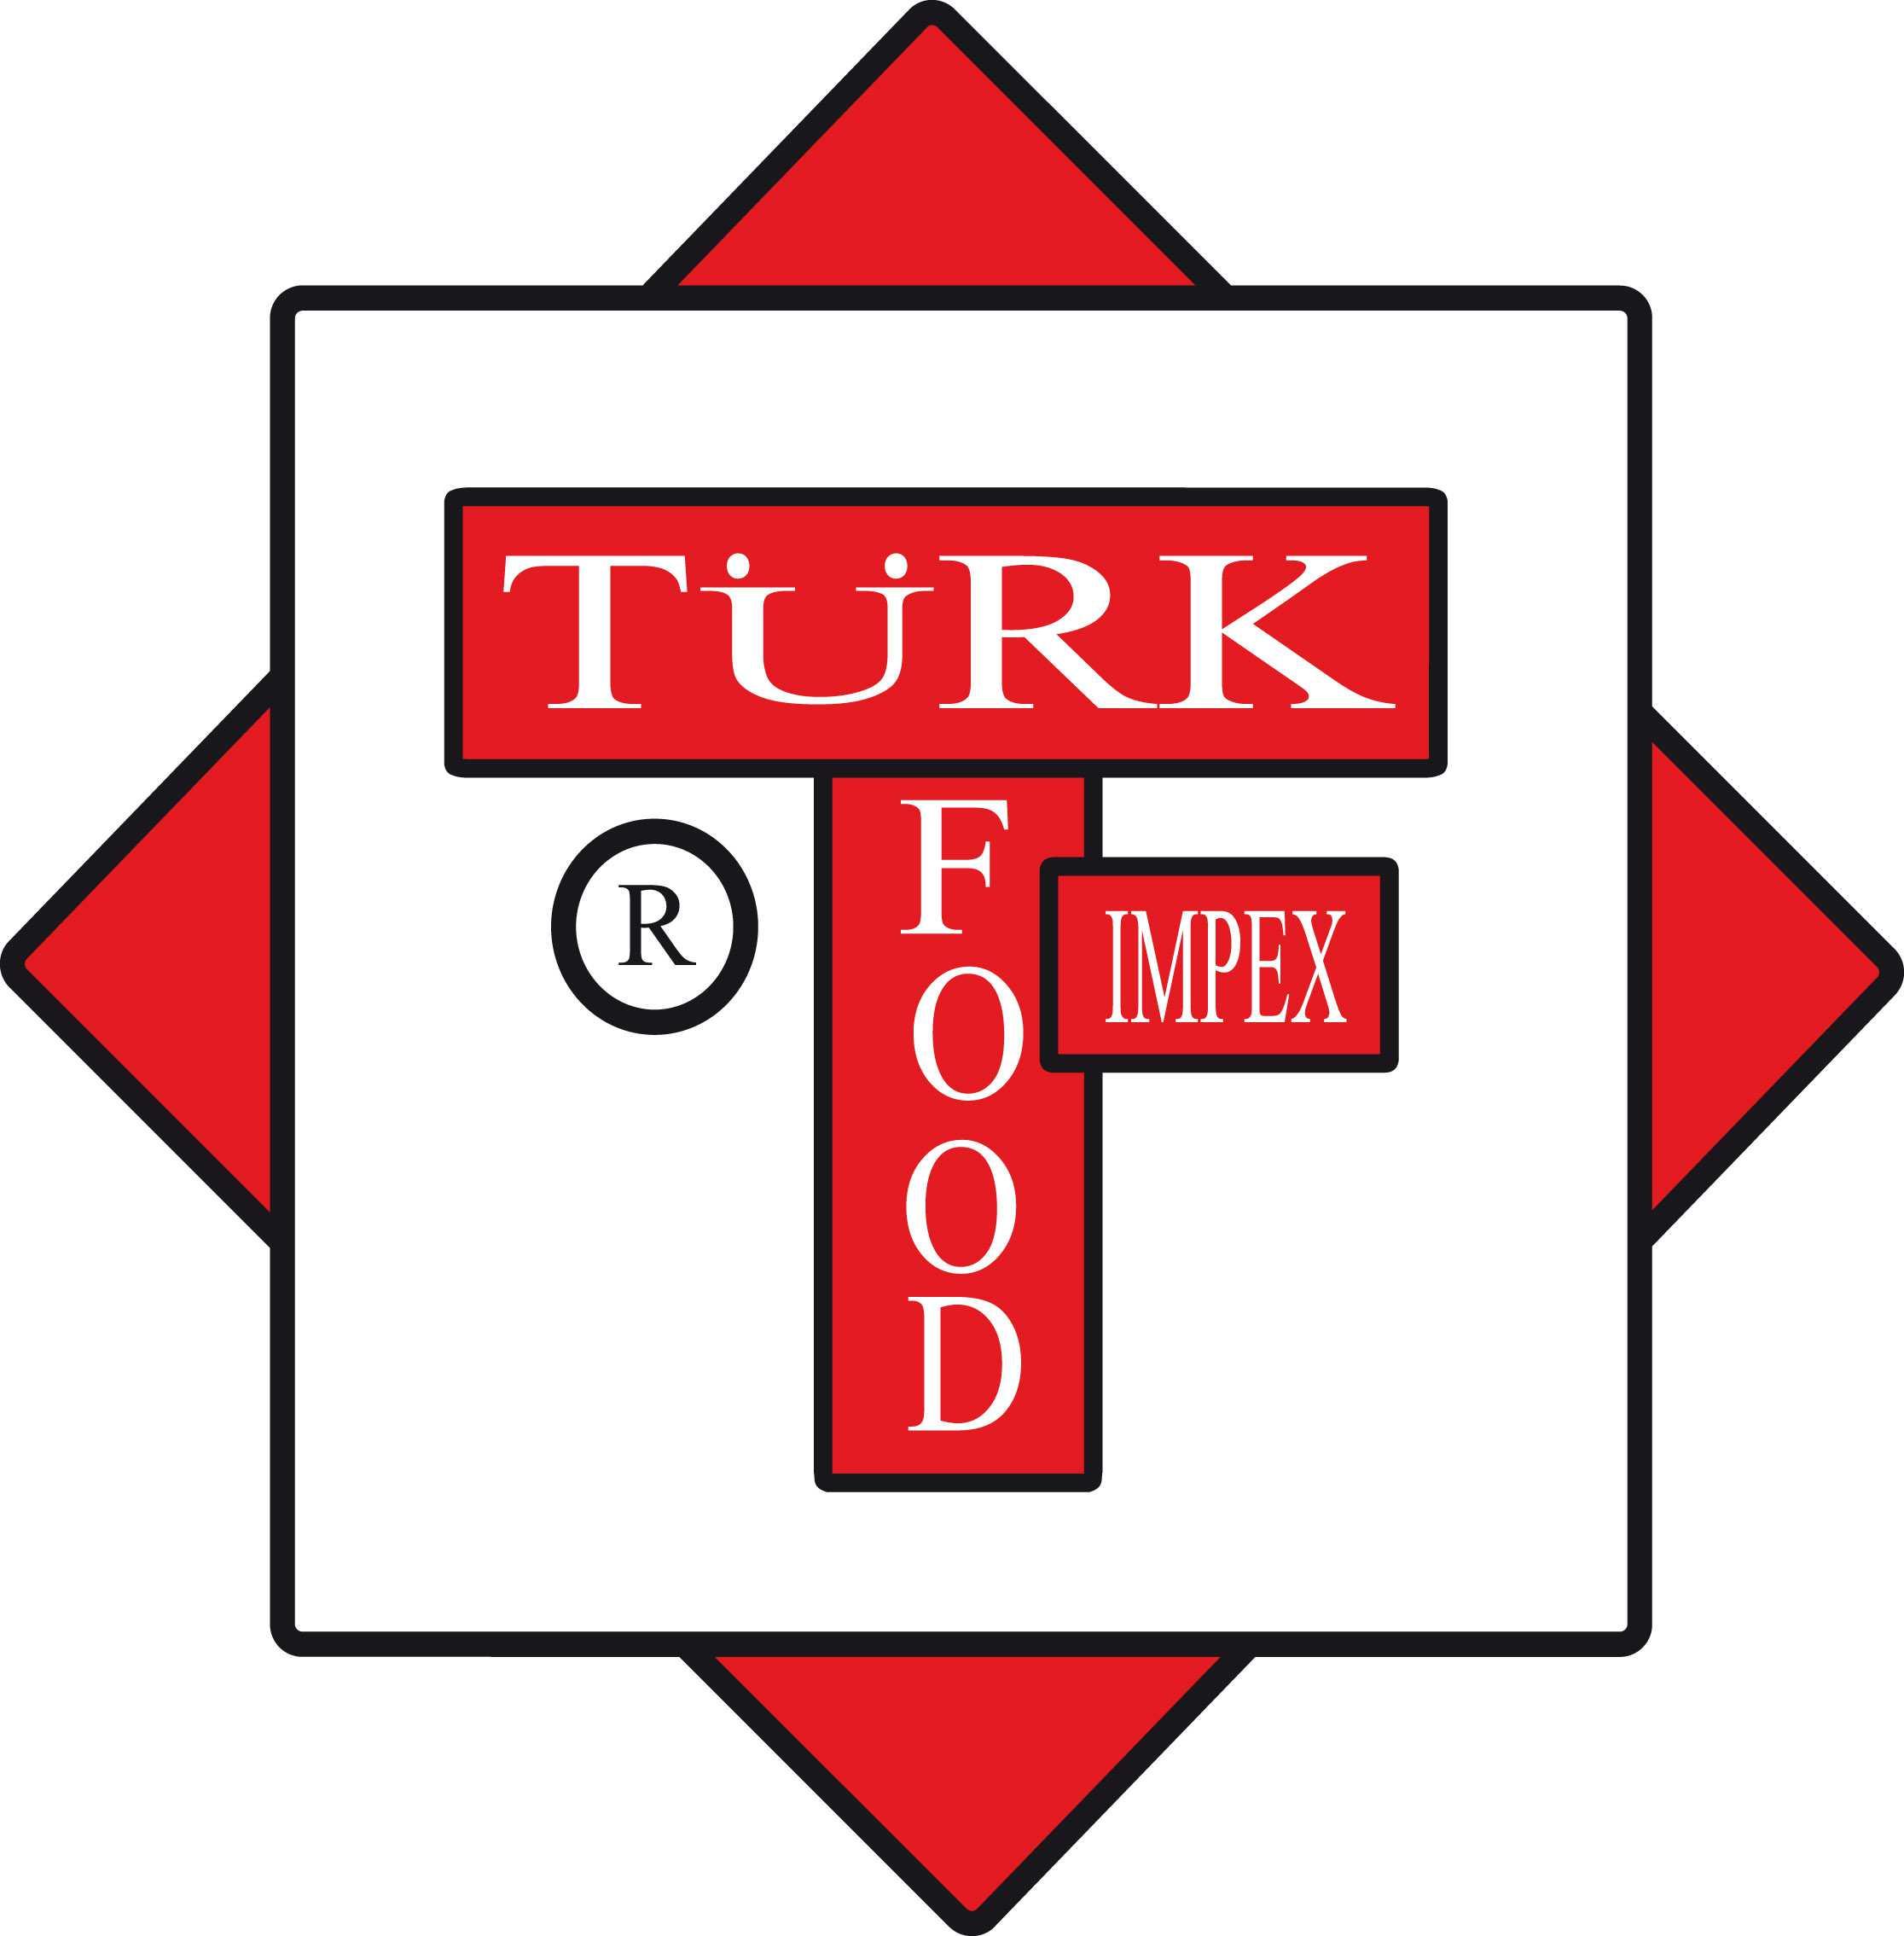 TURK FOOD IMPEX